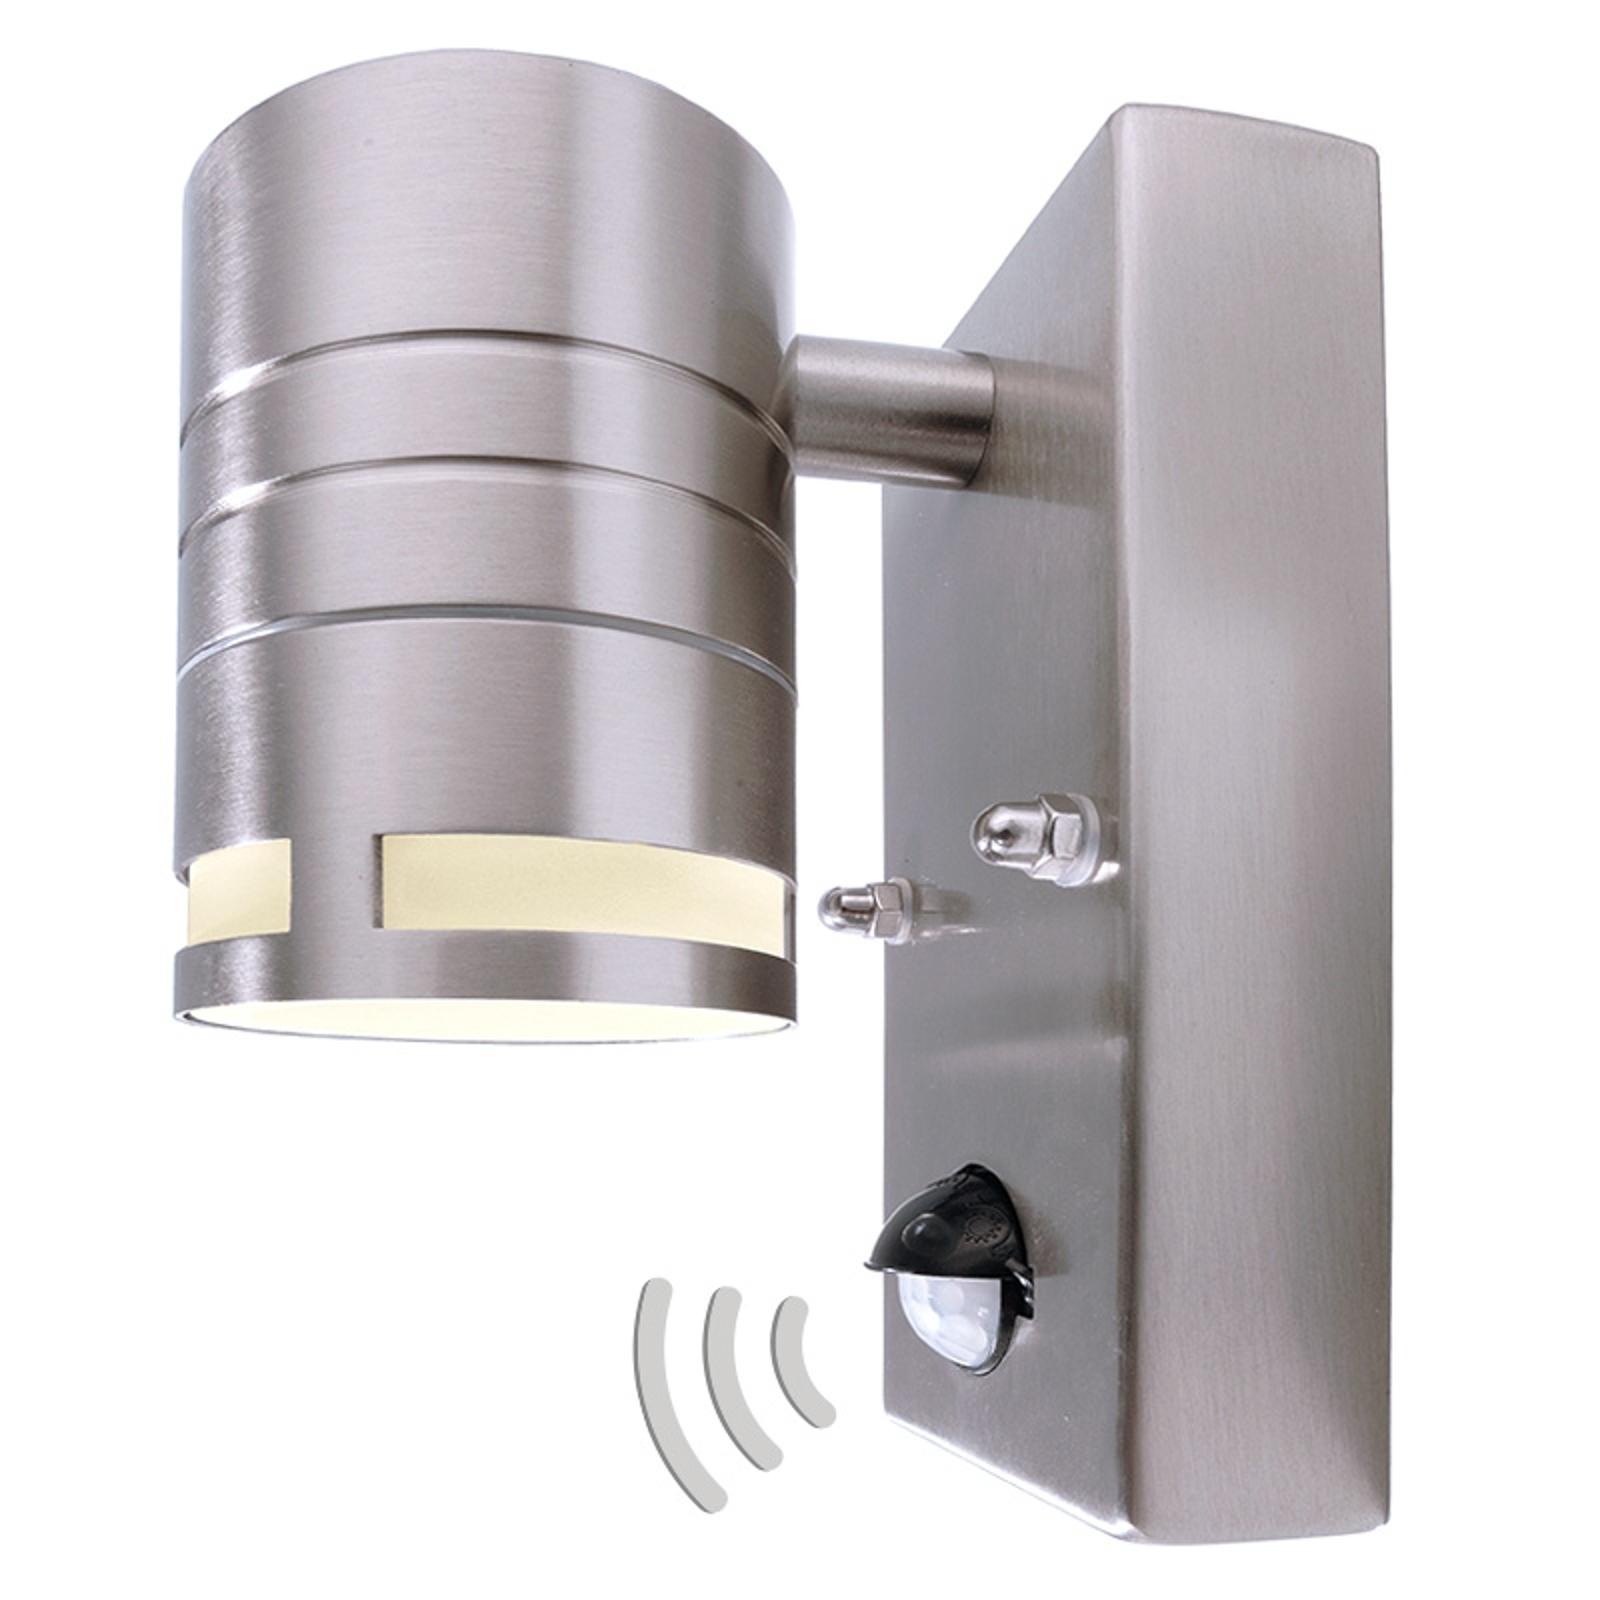 Lille væglampe Zilly II med bevægelsessensor